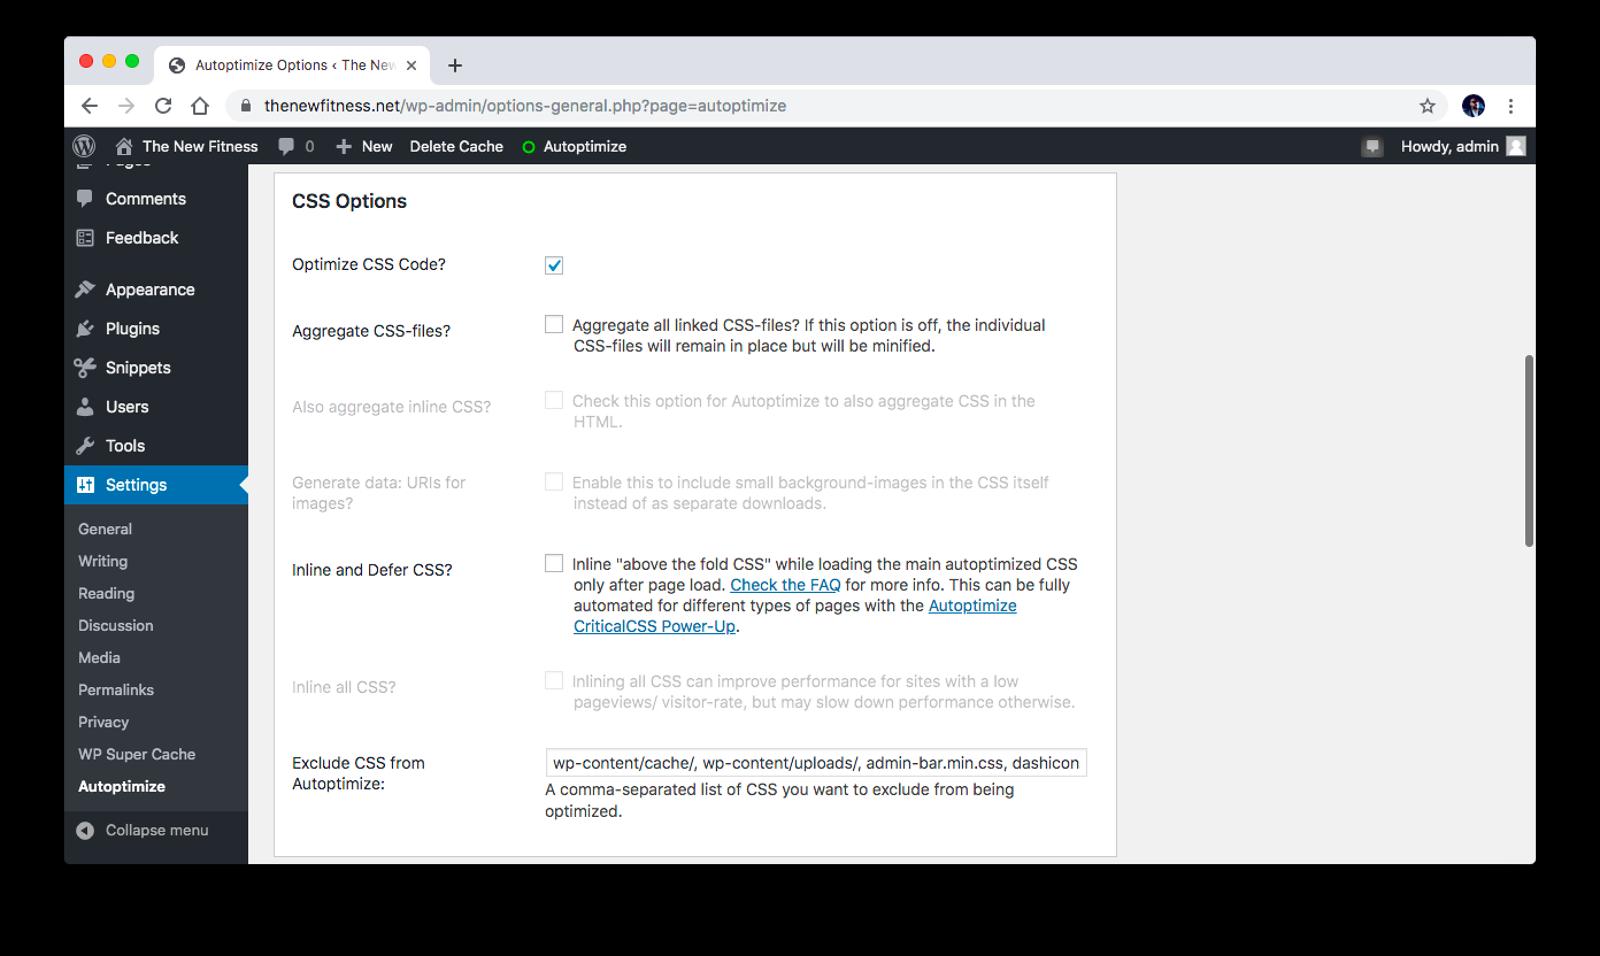 Optimize CSS code